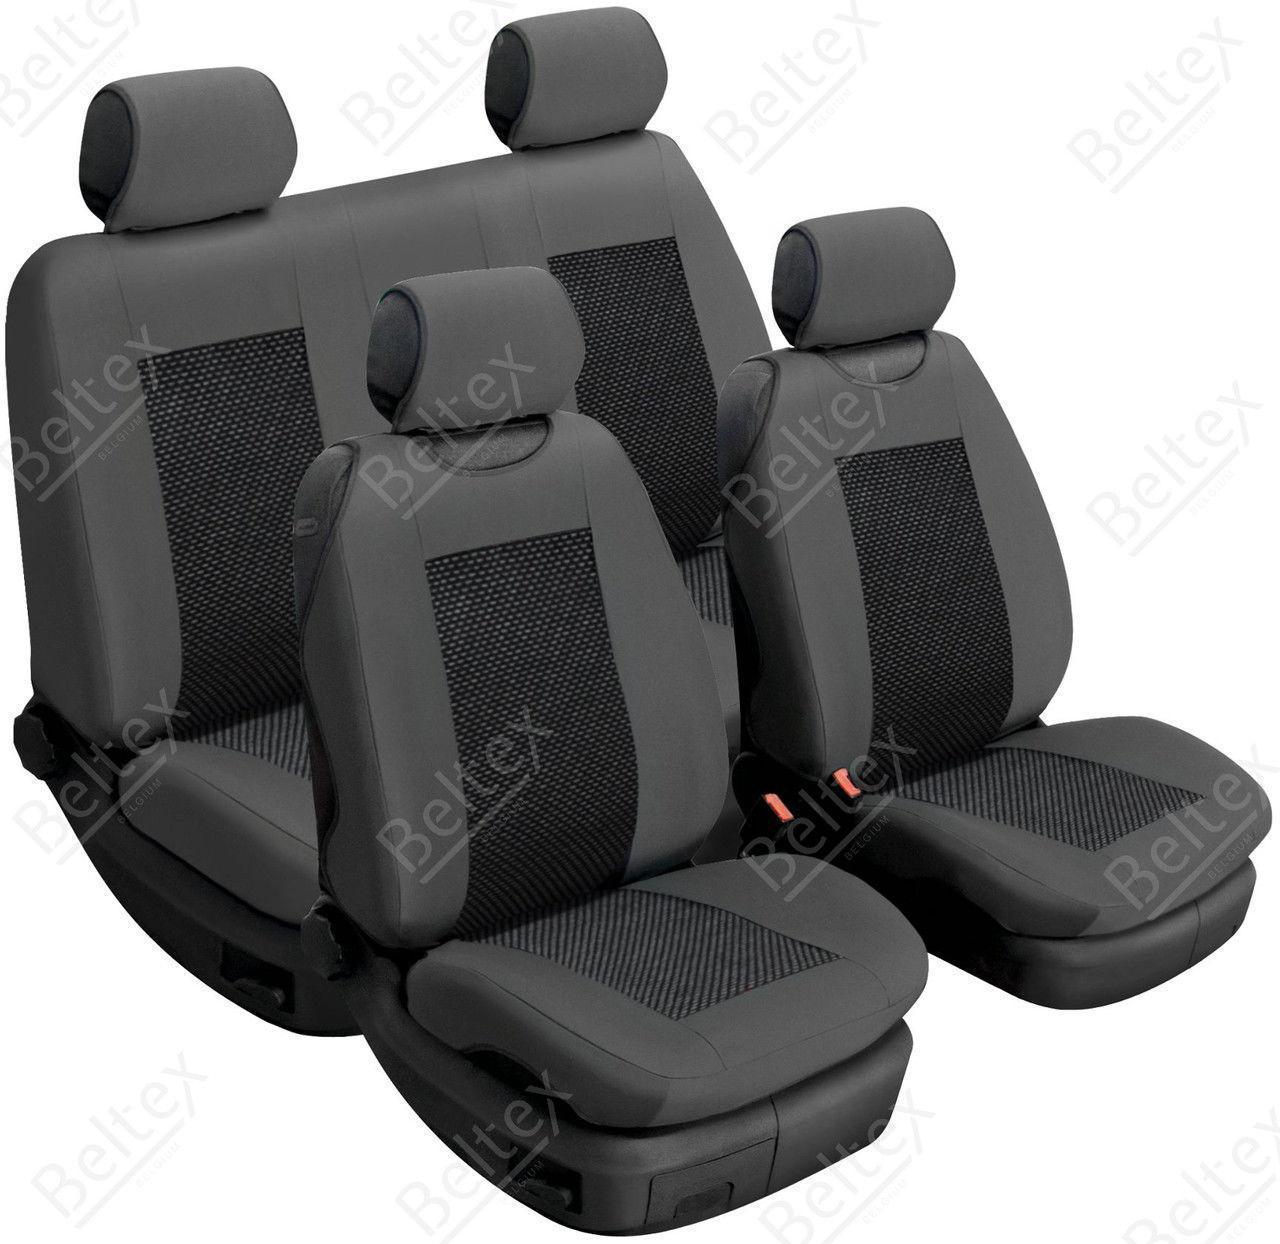 Майки/чехлы на сиденья Ниссан НВ 400 (Nissan NV-400)